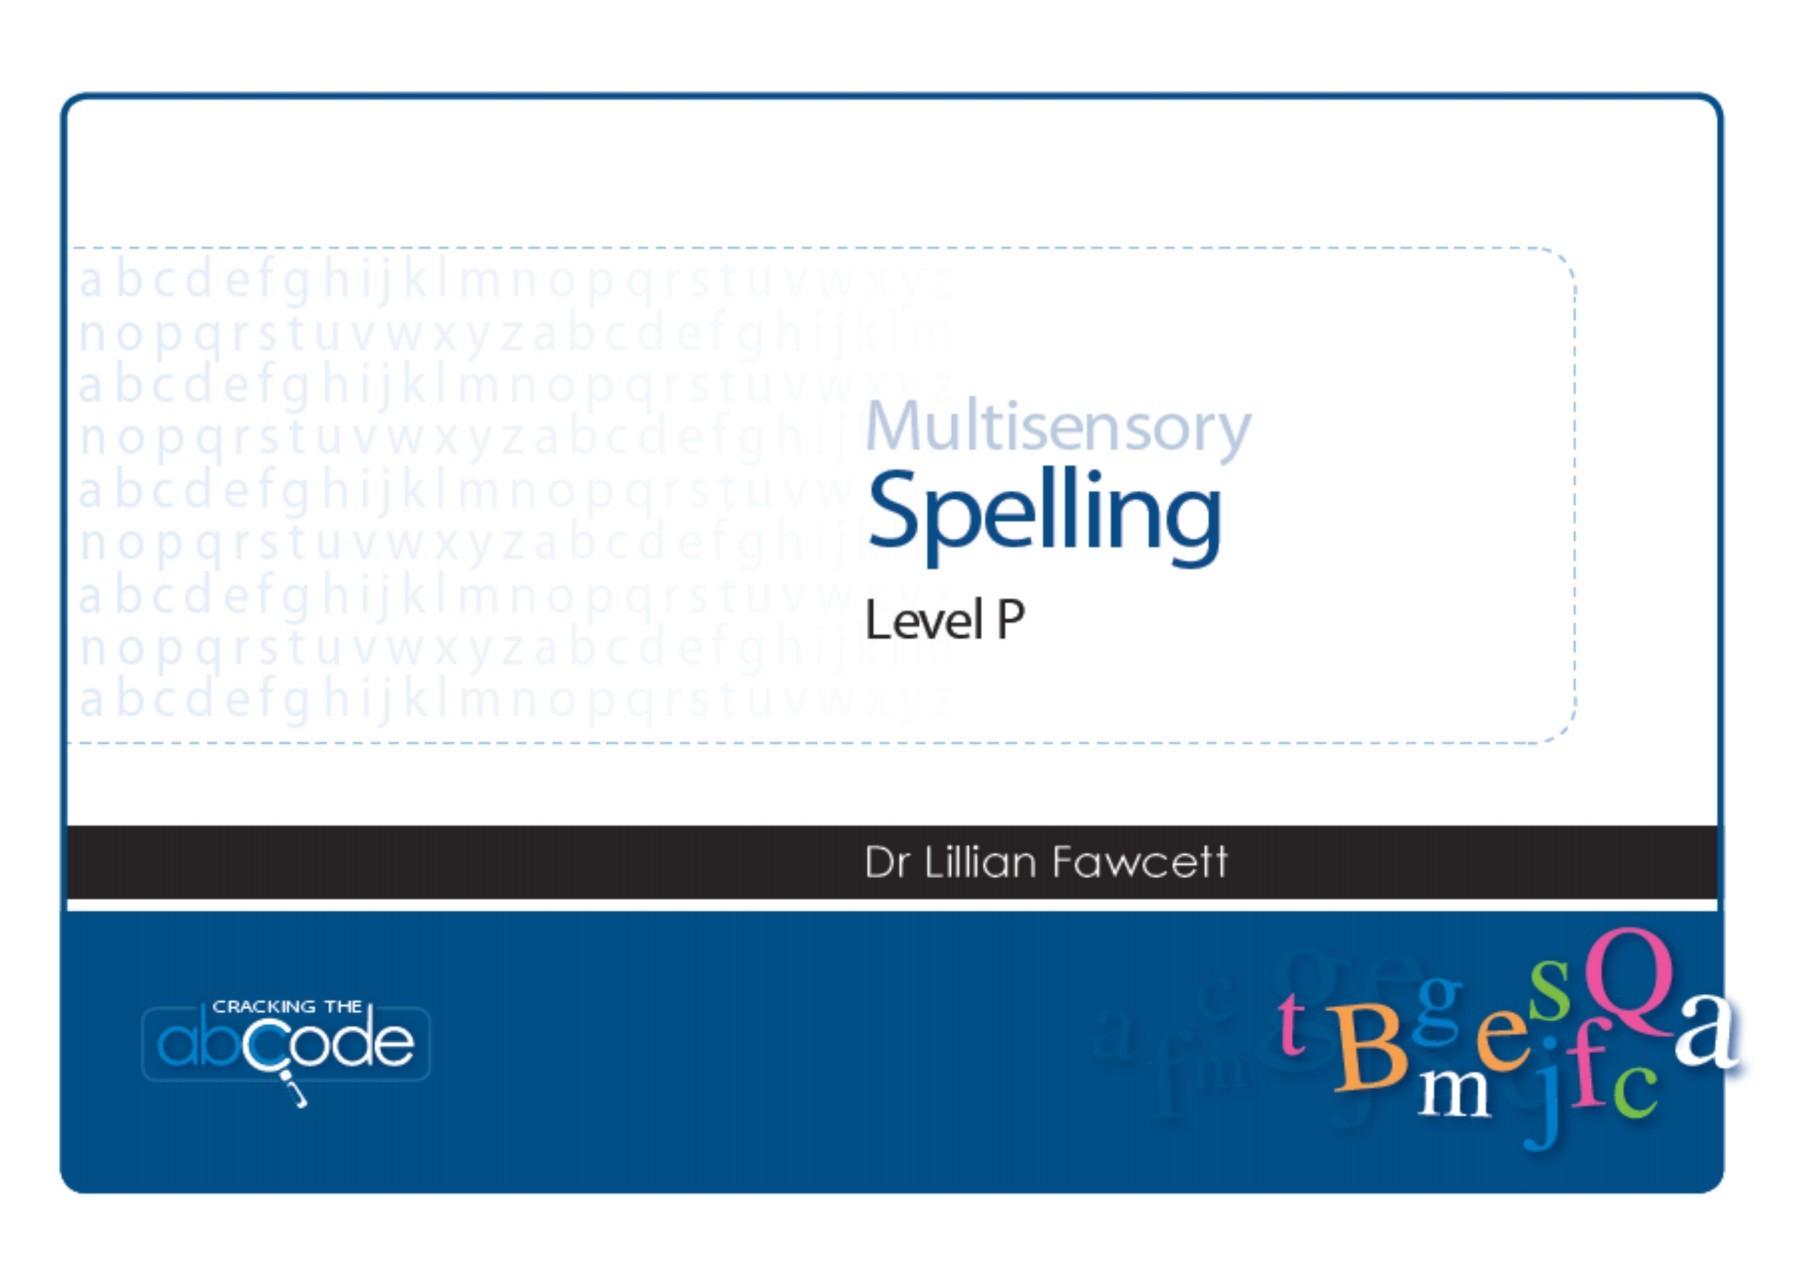 Multisensory Spelling Program Level P